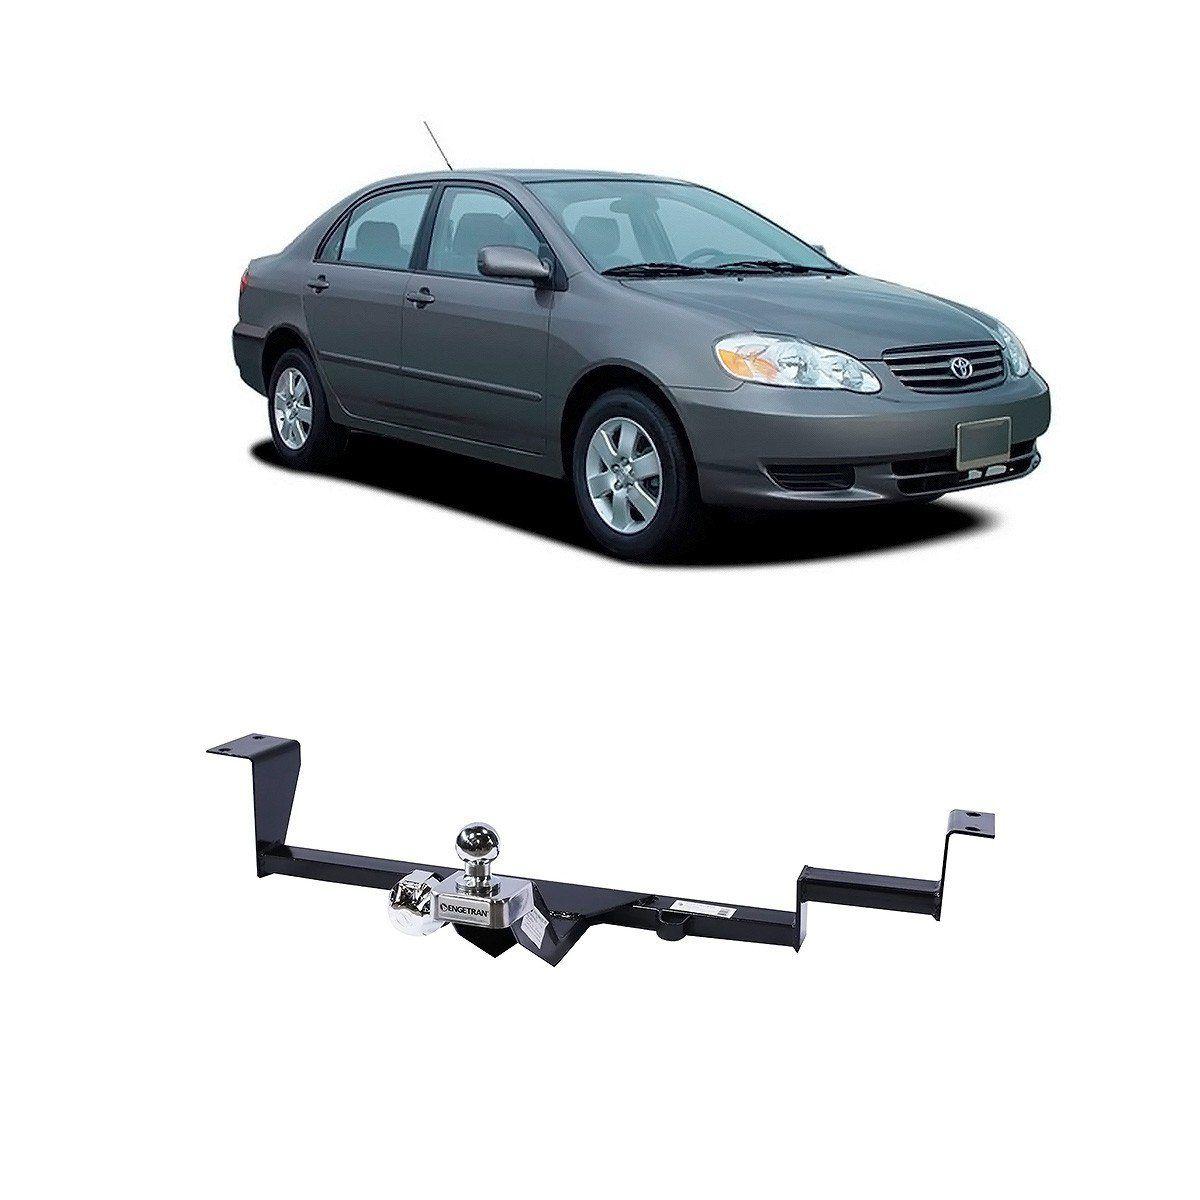 Engate Reboque Corolla 2003 a 2008 Fixo